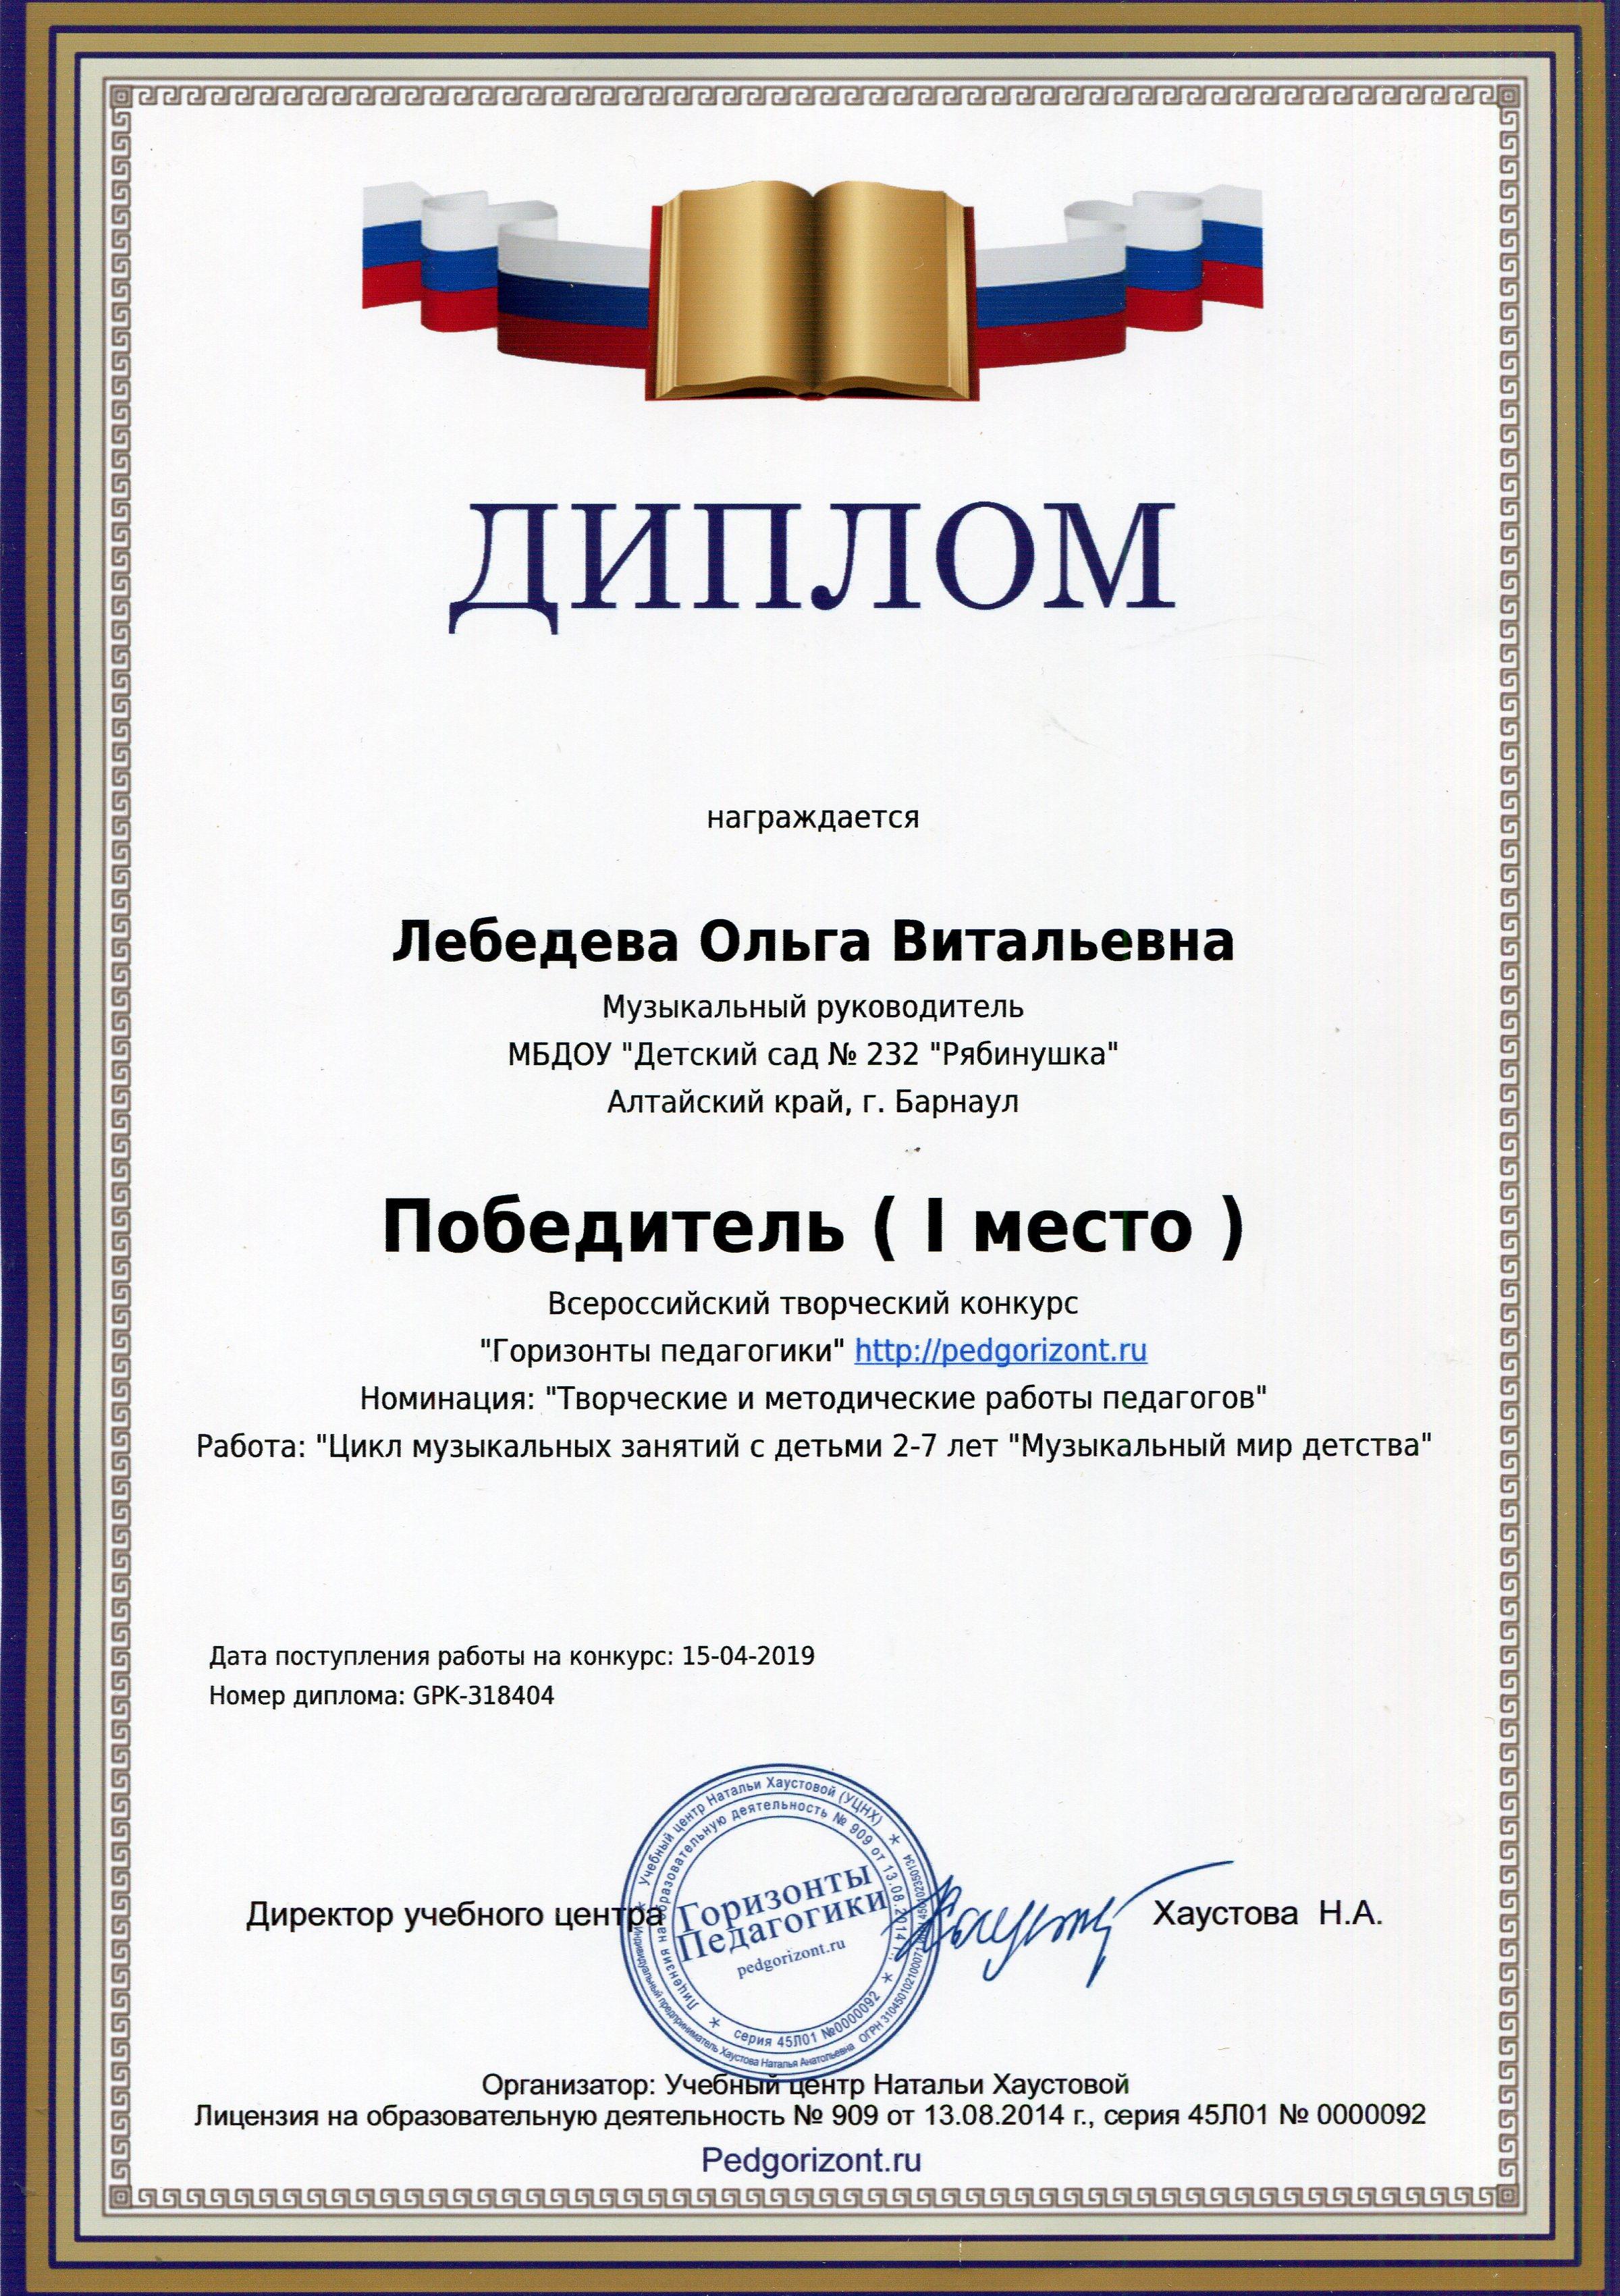 Диплом-конкурса-Горизонты-педагогики-2019г